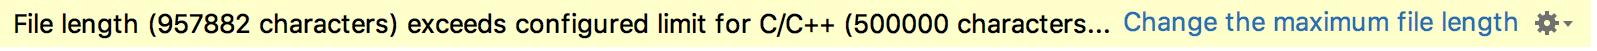 Maximum file length pop-up